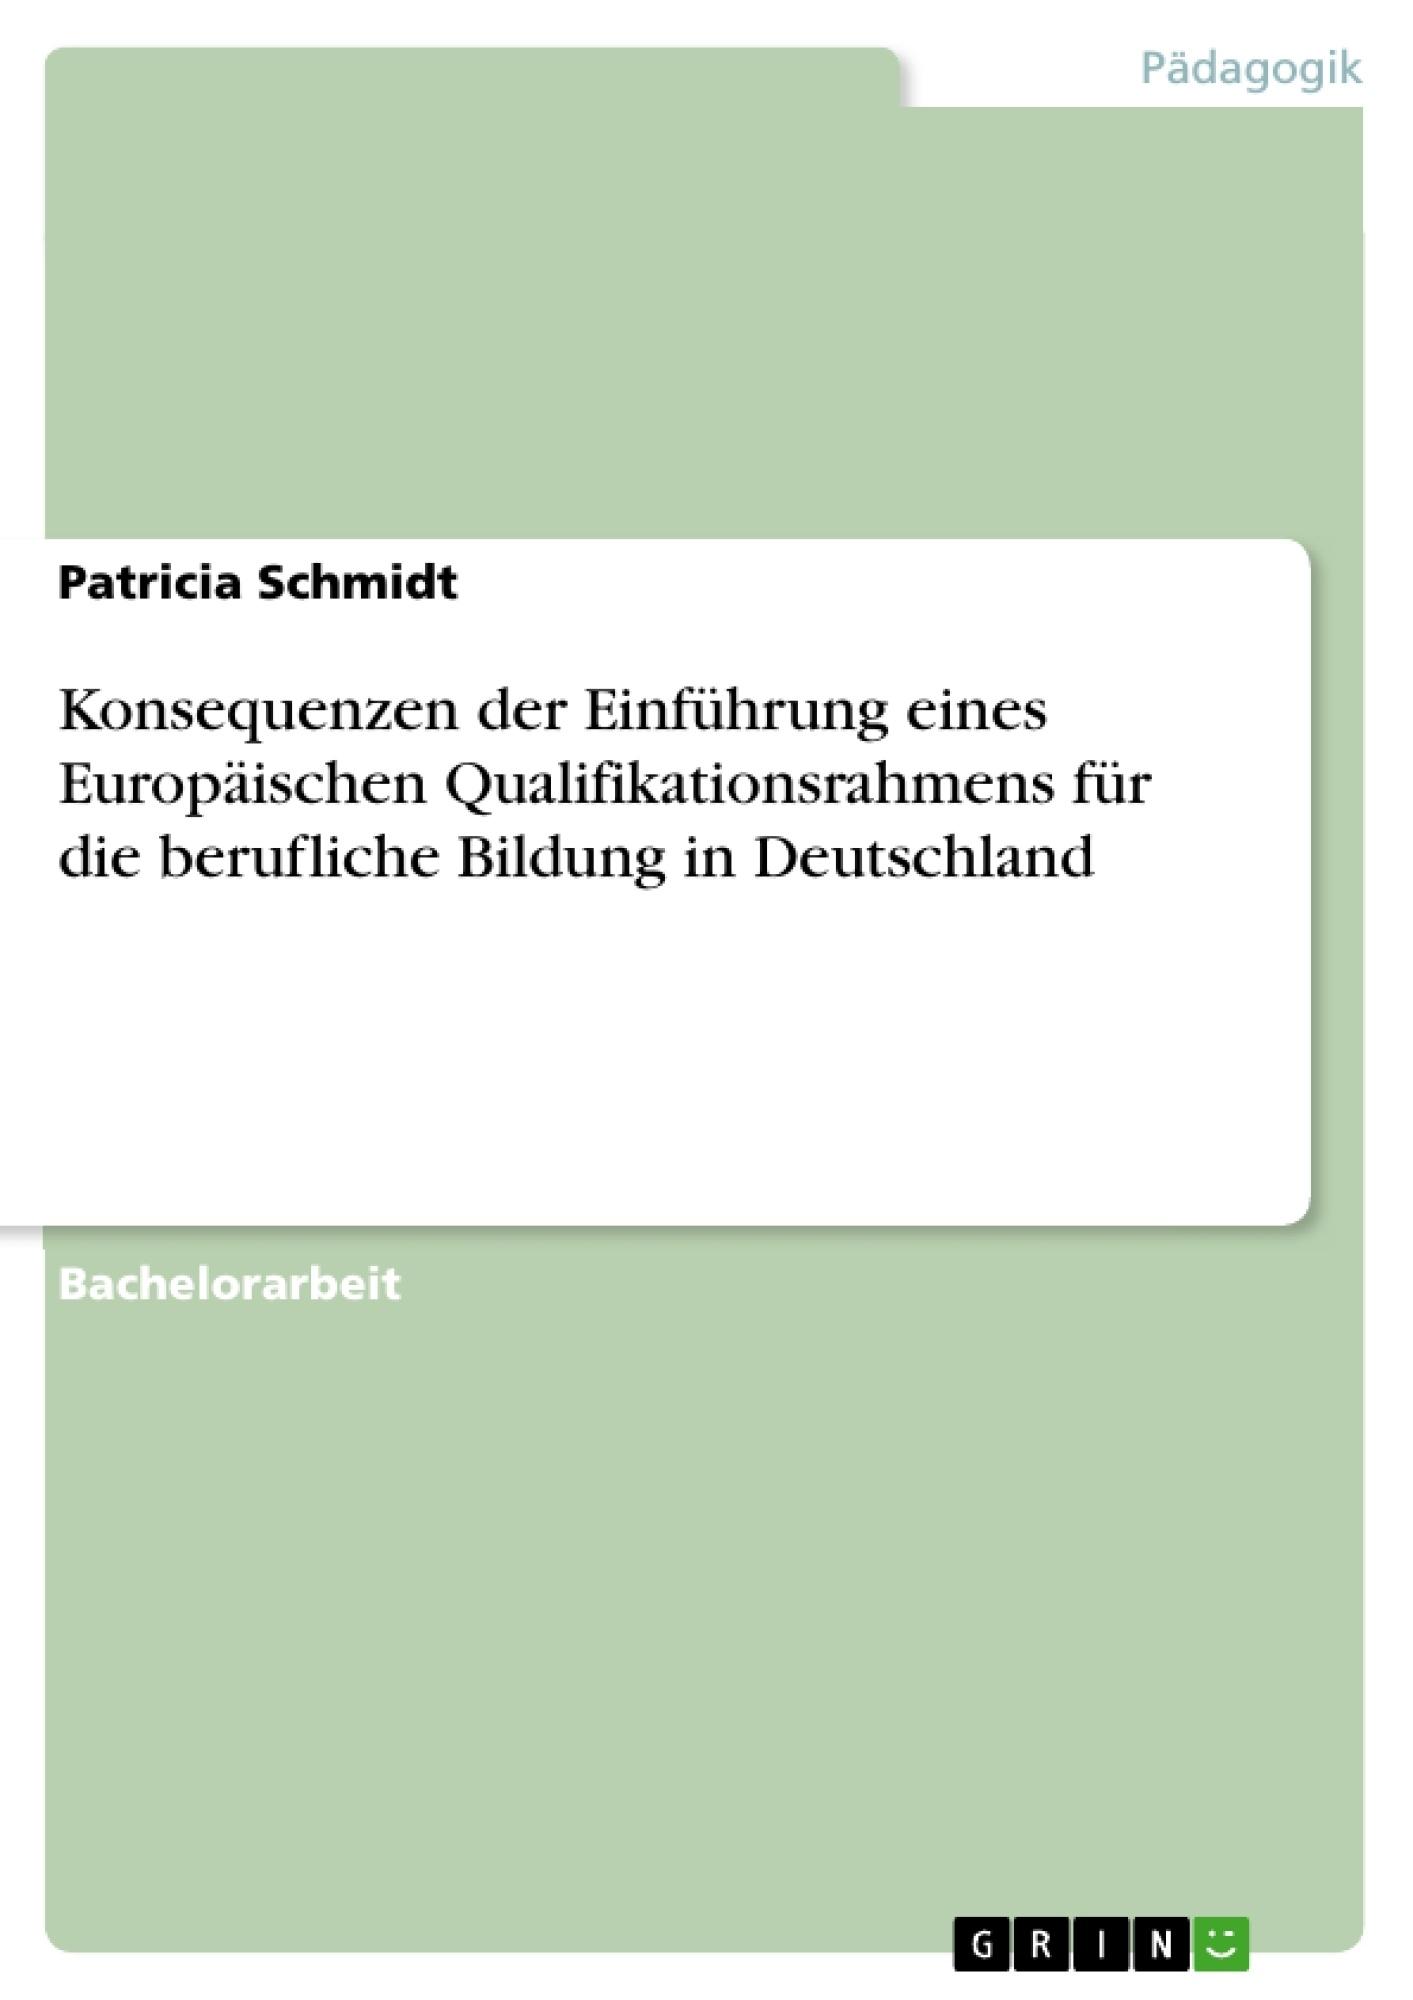 Titel: Konsequenzen der Einführung eines Europäischen Qualifikationsrahmens für die berufliche Bildung in Deutschland